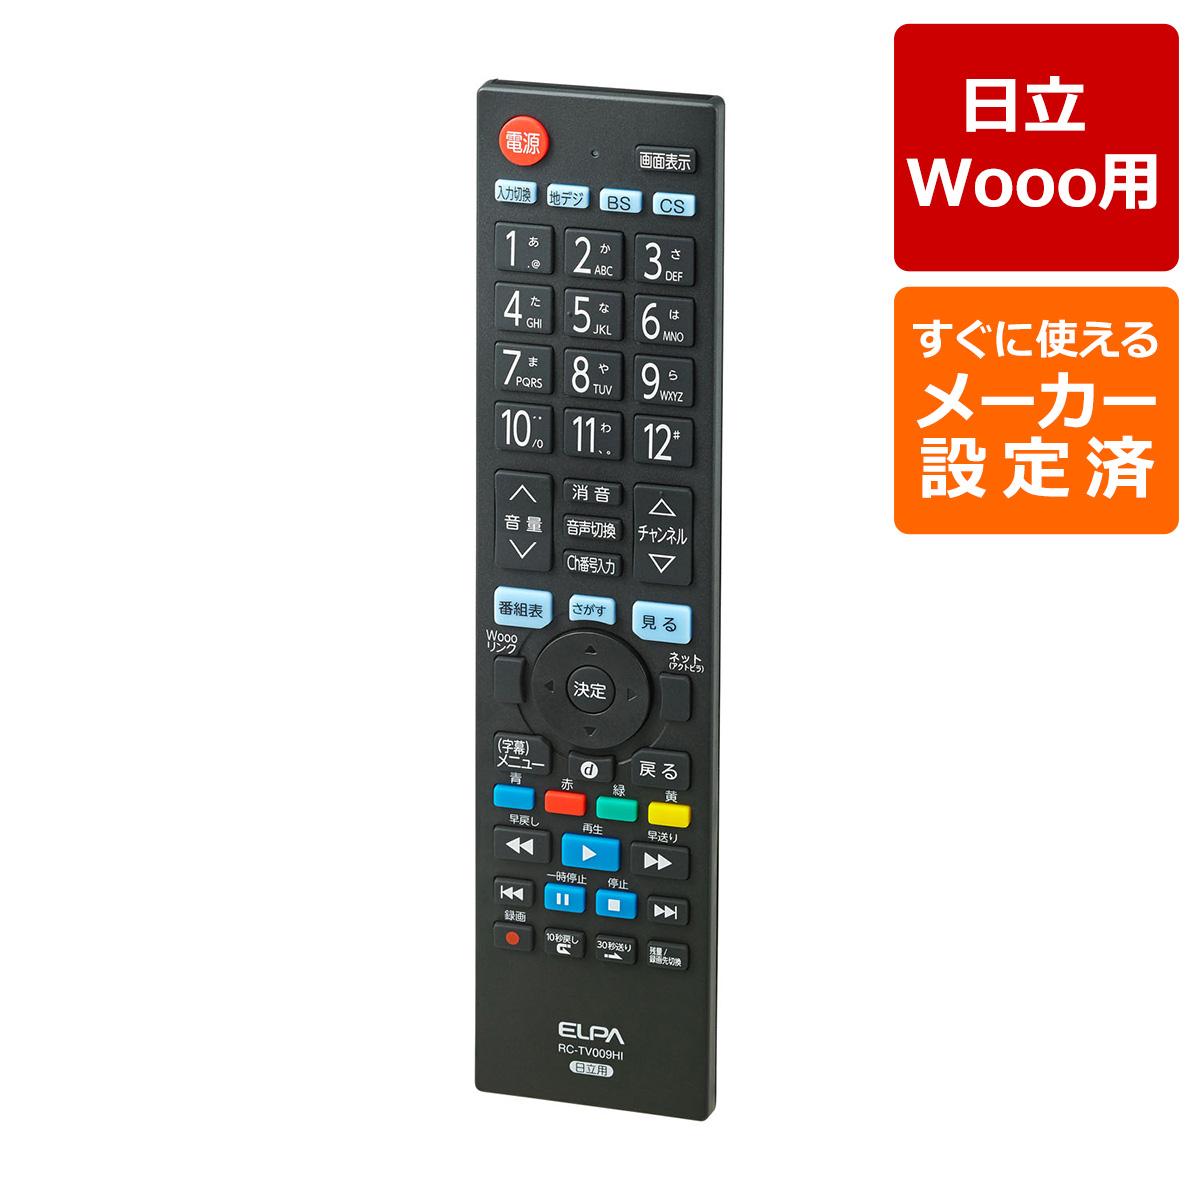 メール便送料無料 エルパ 迅速な対応で商品をお届け致します テレビリモコン 日立 Wooo 本物 ウー RC-TV009HI TVリモコン ELPA 朝日電器 設定済みですぐに使える